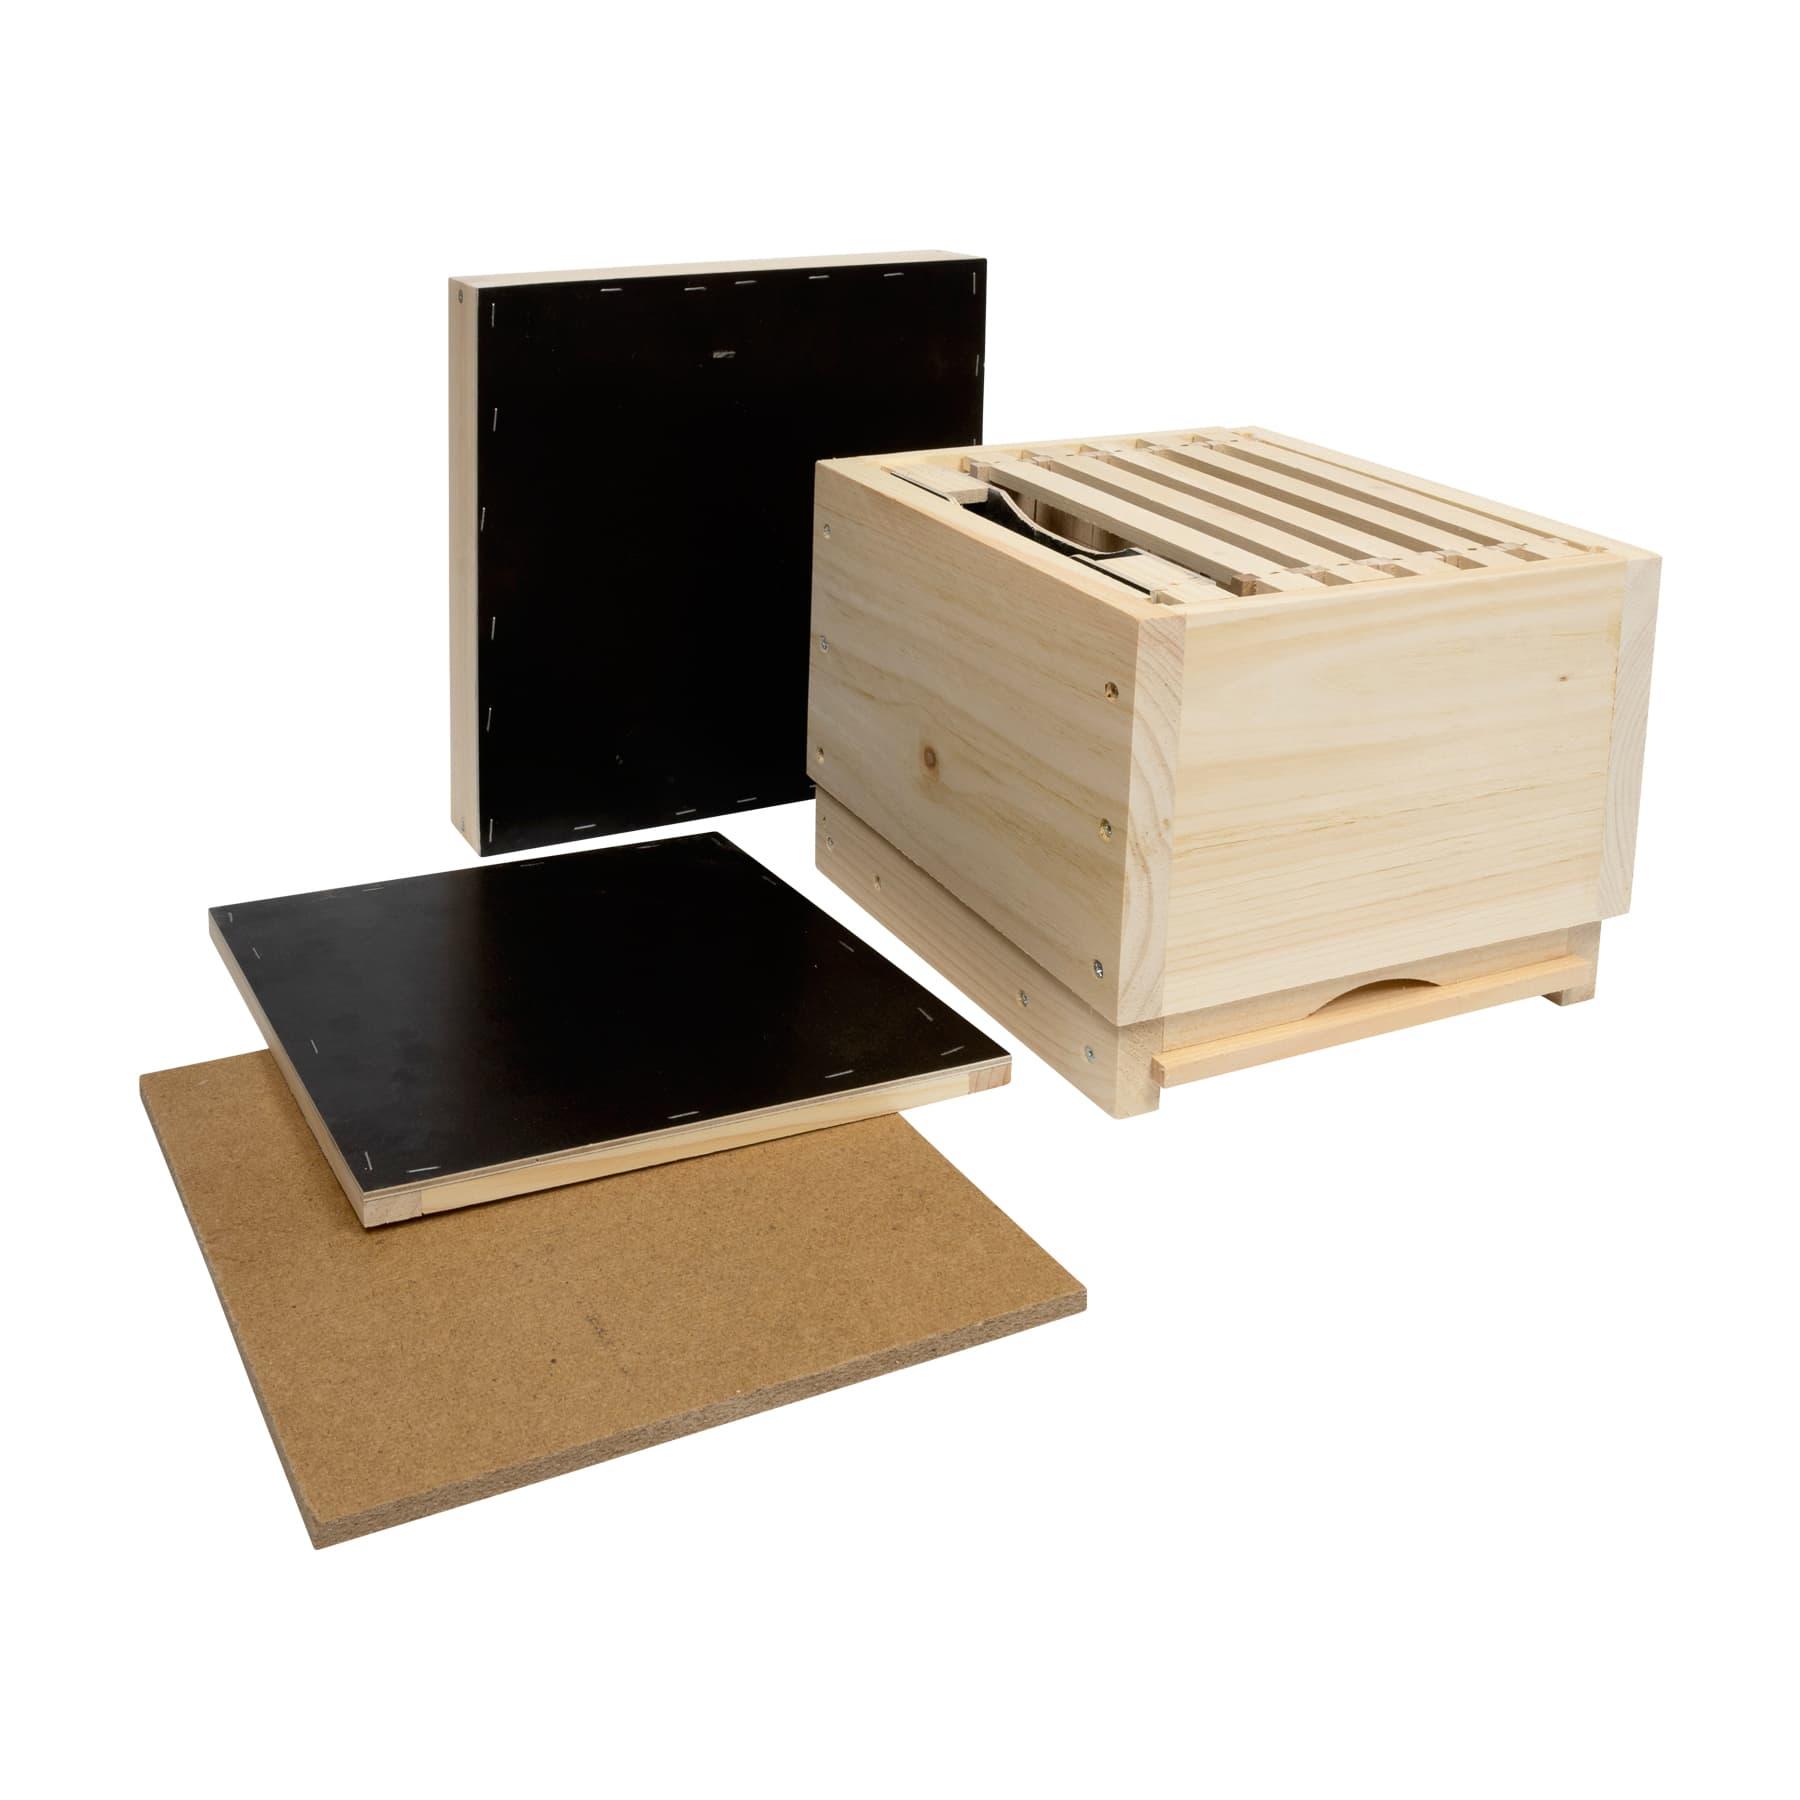 Miniplusbeute aus Holz komplett inkl. Futtertasche u. Rähmchen